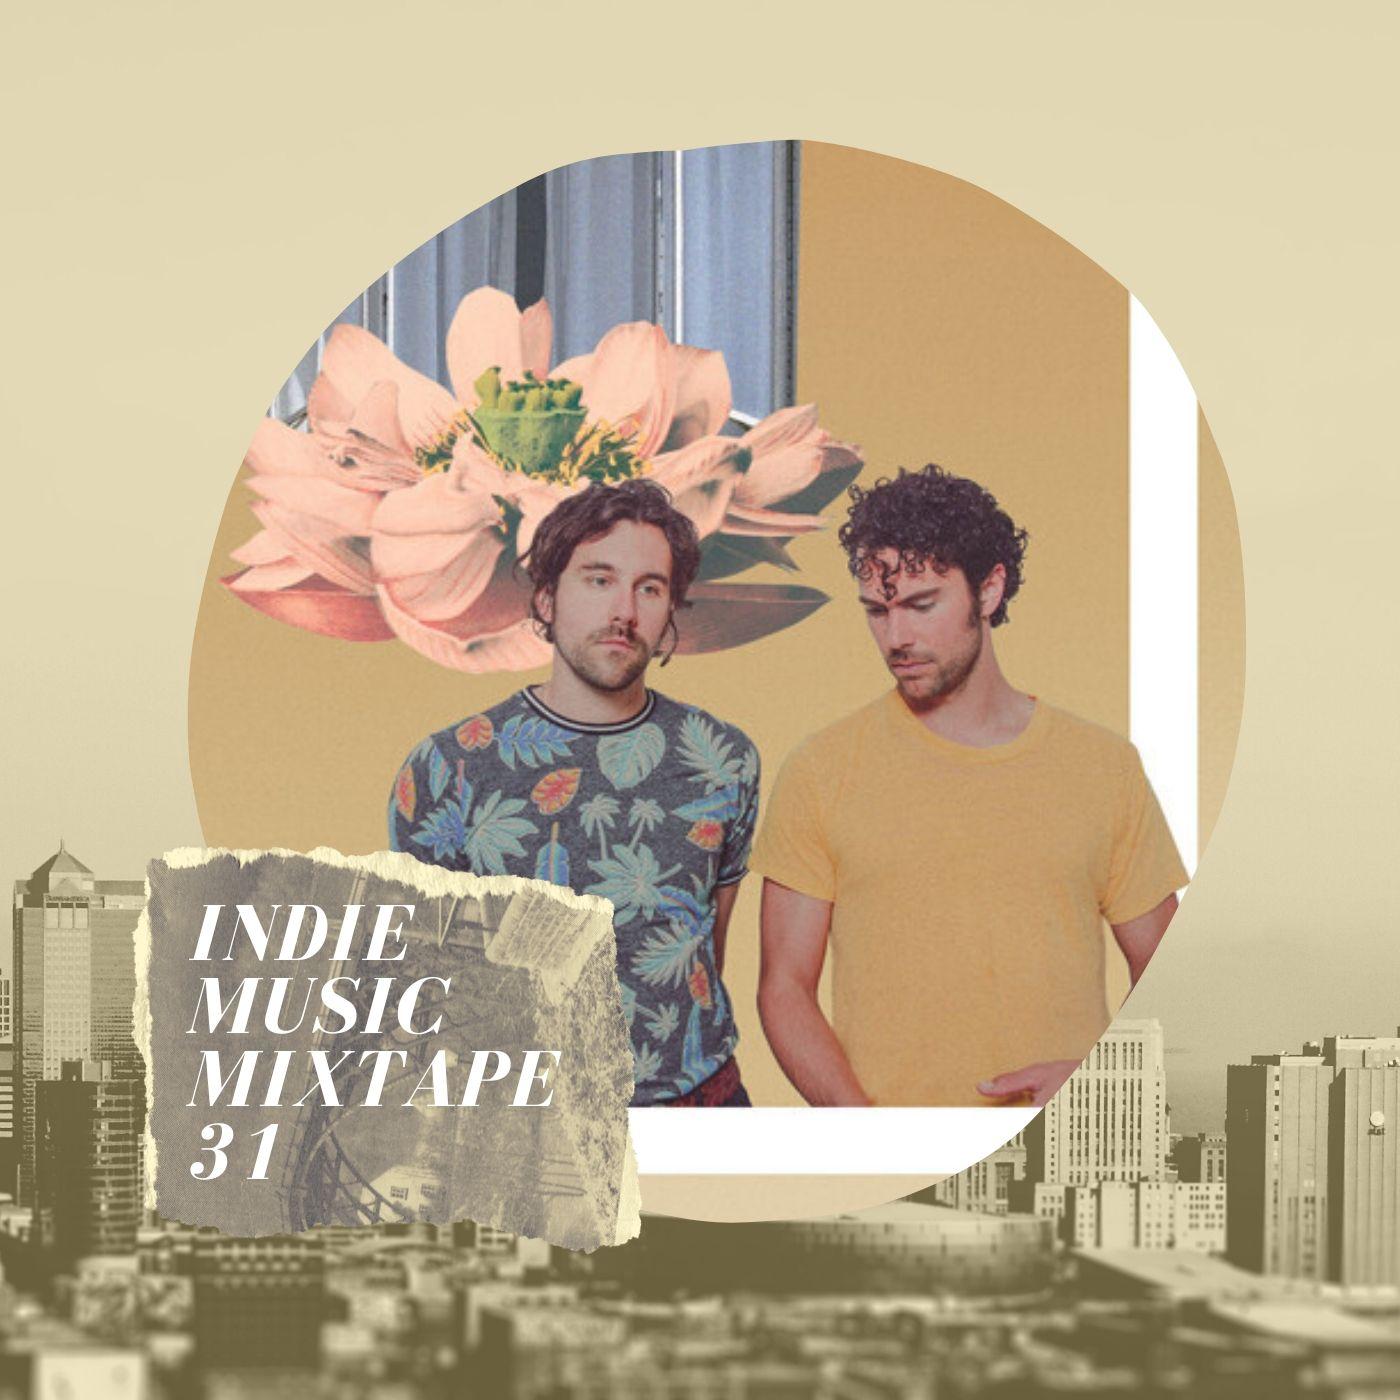 indie music mixtape 31 - indie - indie music - indie pop - indie rock - indie folk - music - music blog - wolf in a suit - wolfinasuit - wolf in a suit blog - wolf in a suit music blog